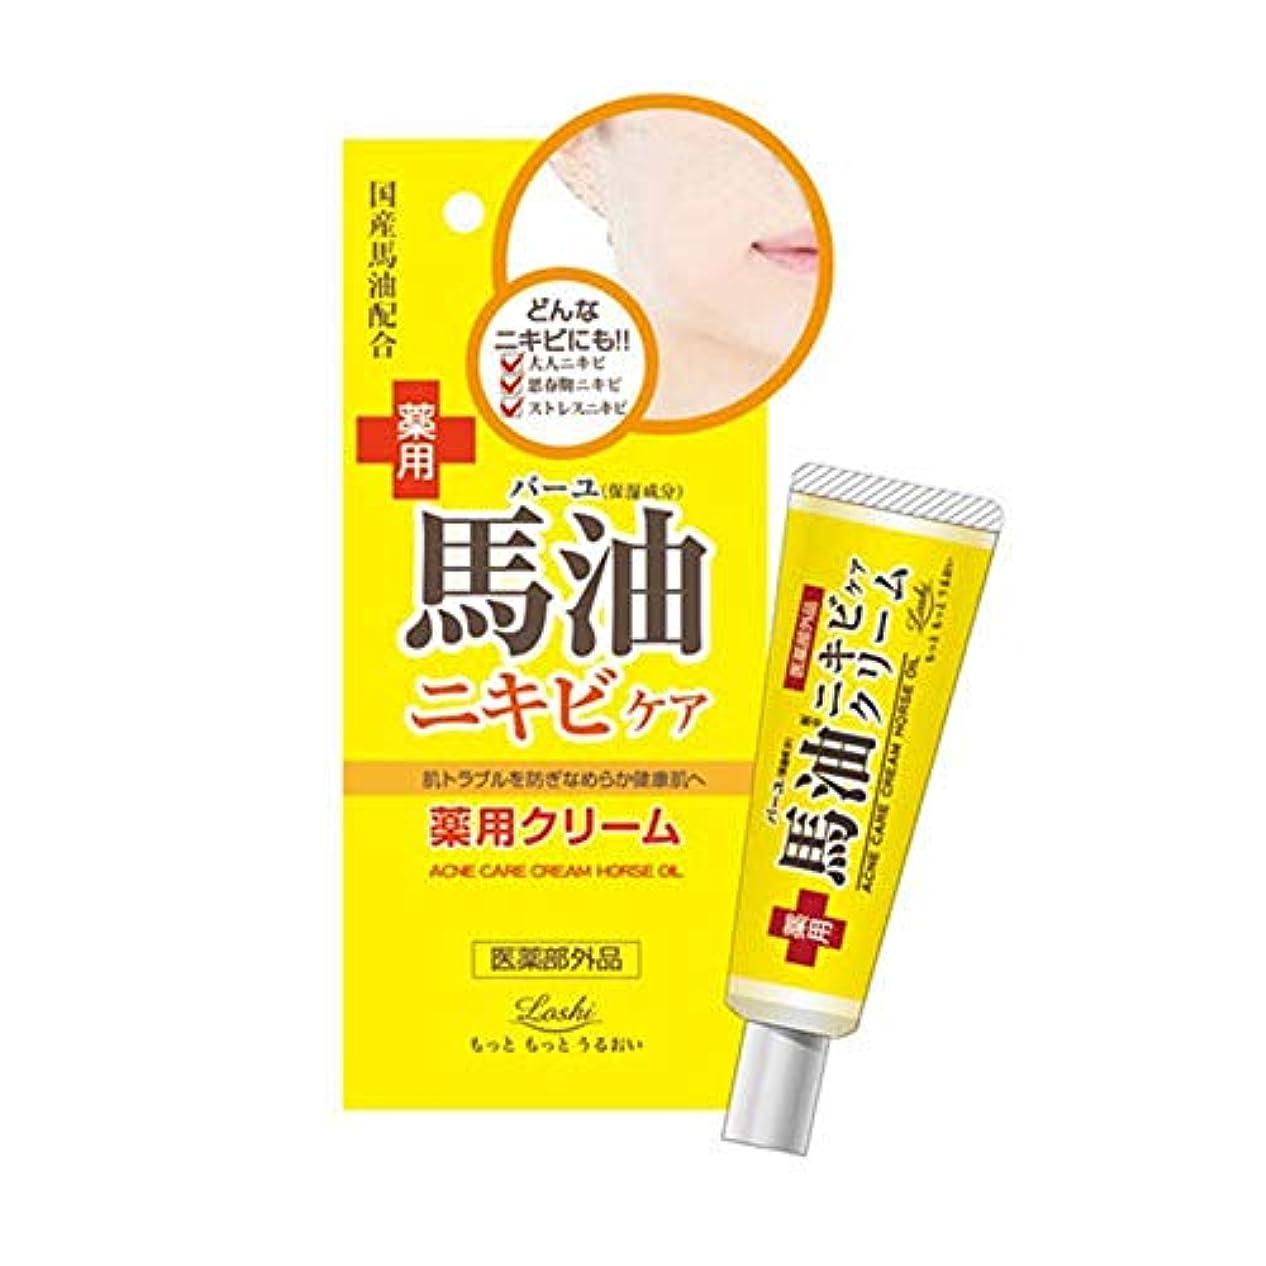 コマースプログラム葉っぱロッシモイストエイド 薬用ケアクリーム 馬油 20g